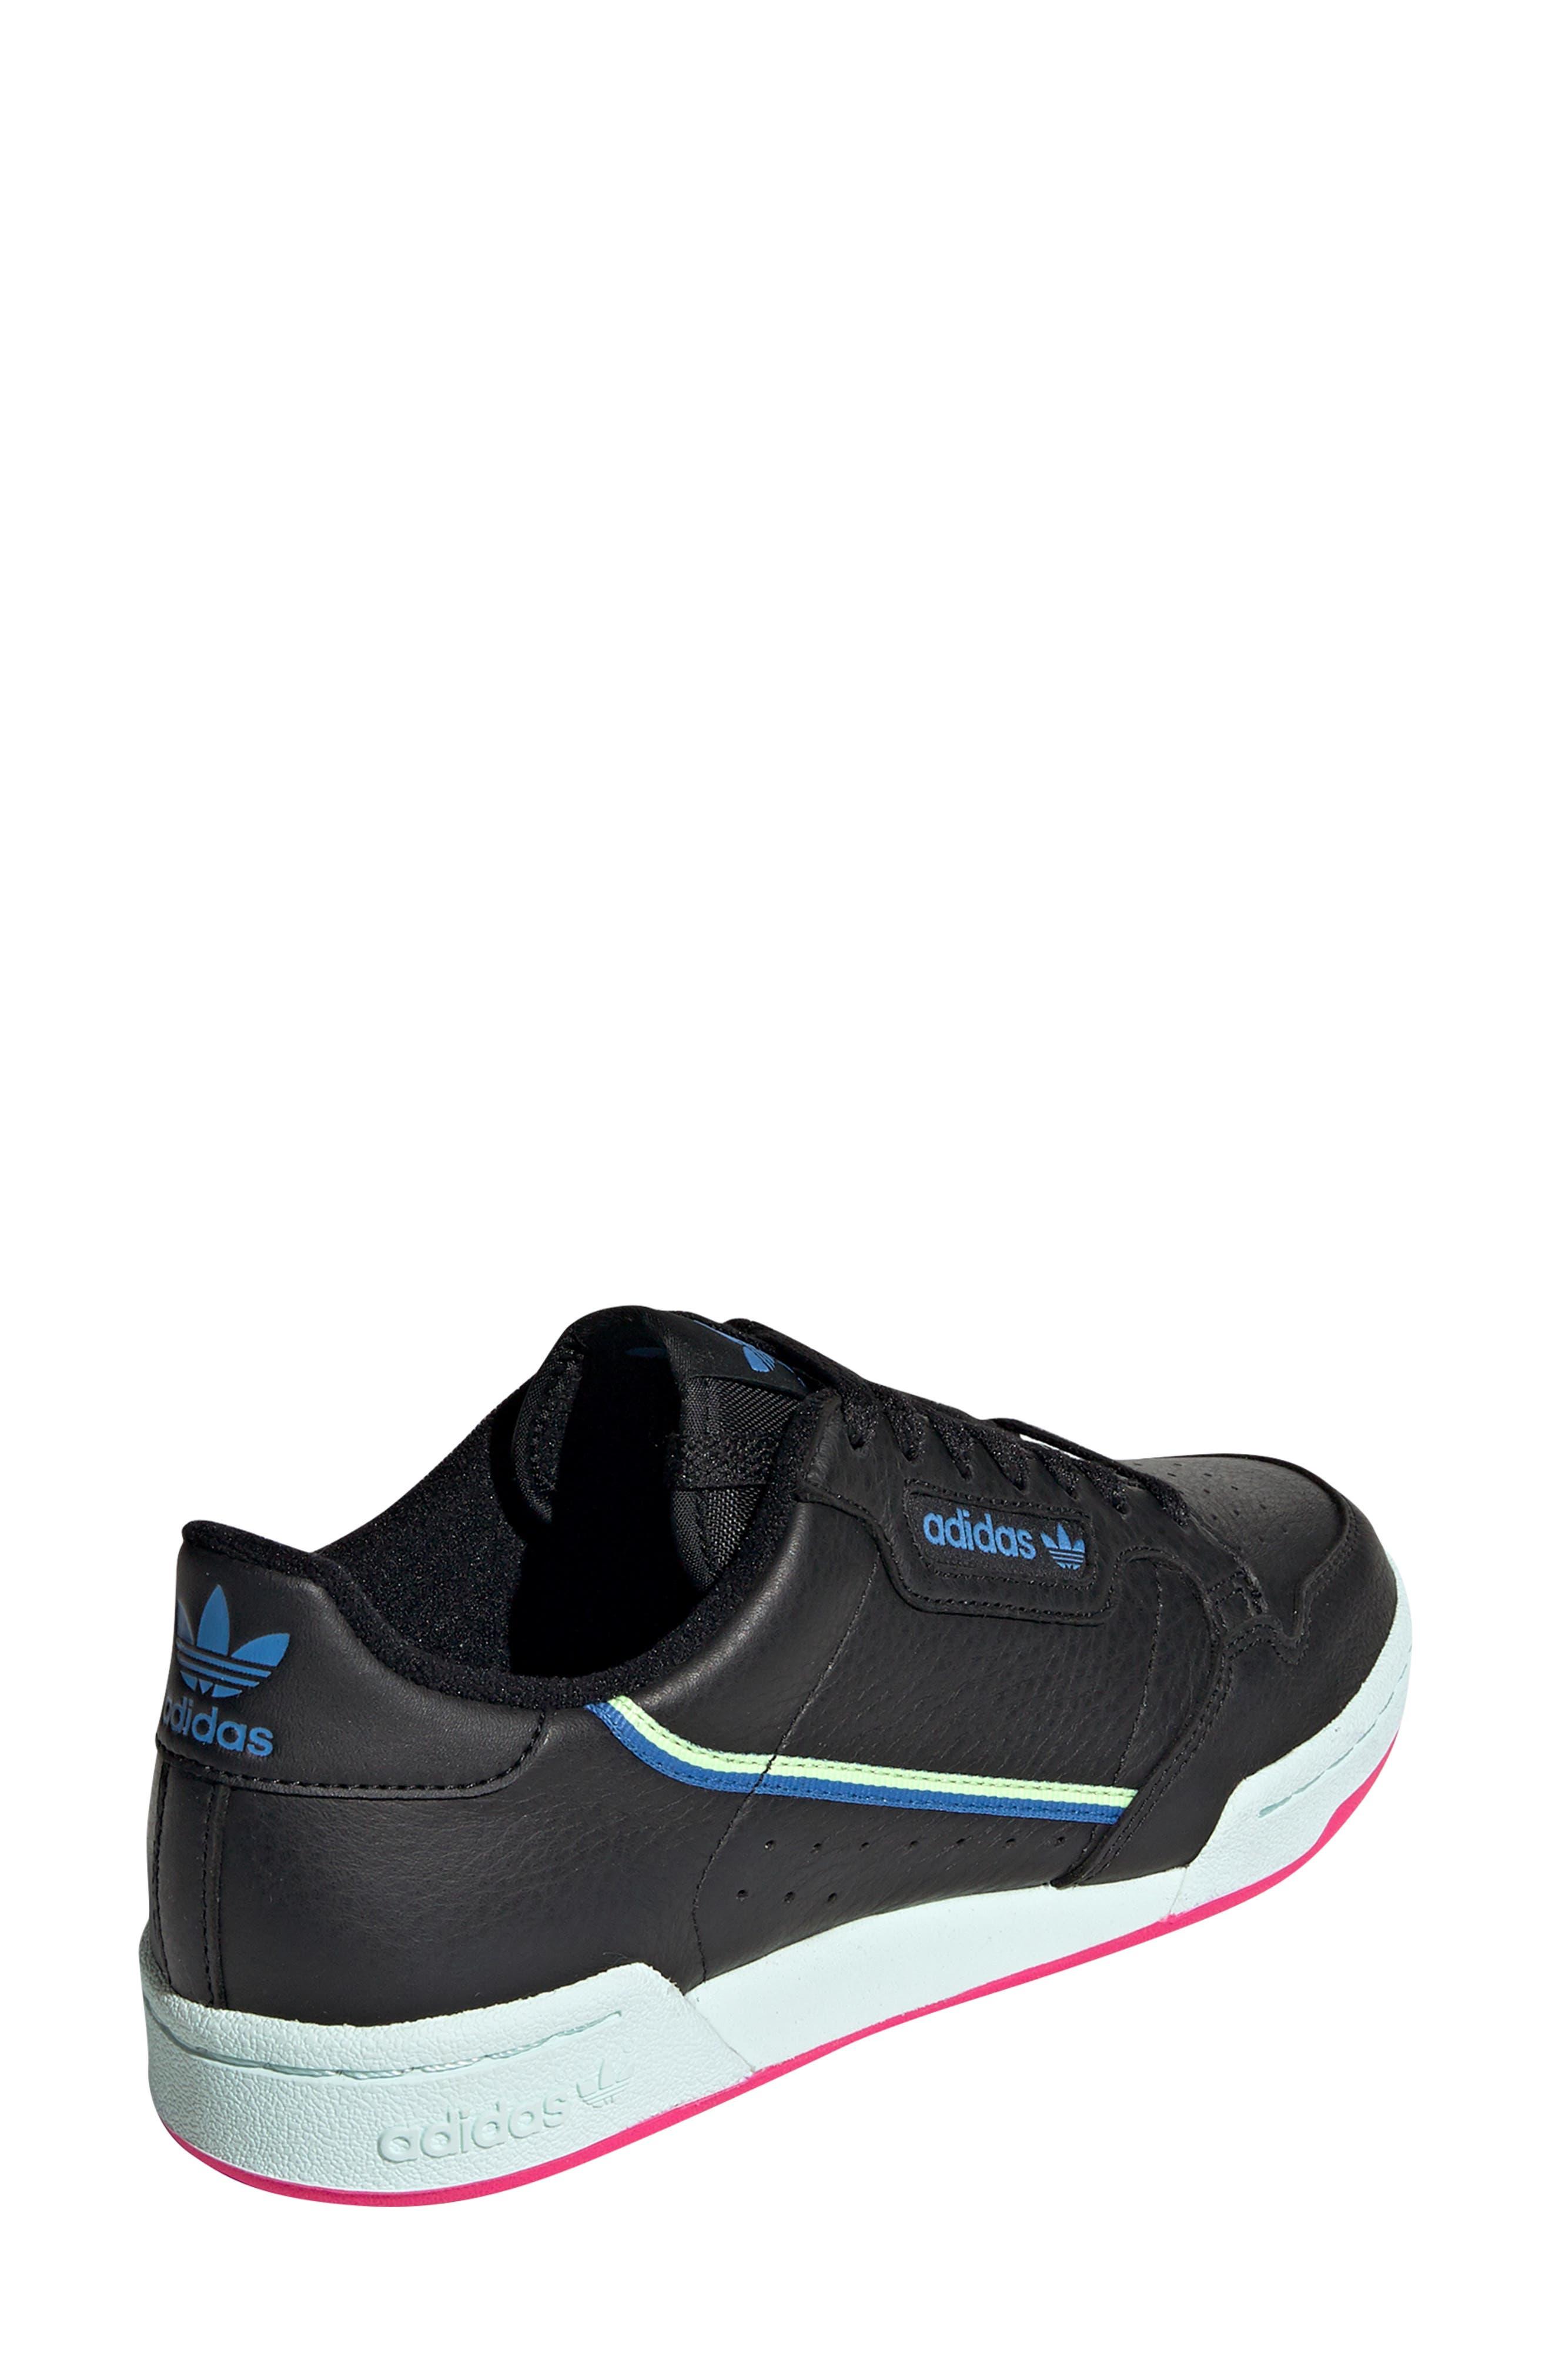 a855c29d5ebbd Women s Adidas Shoes